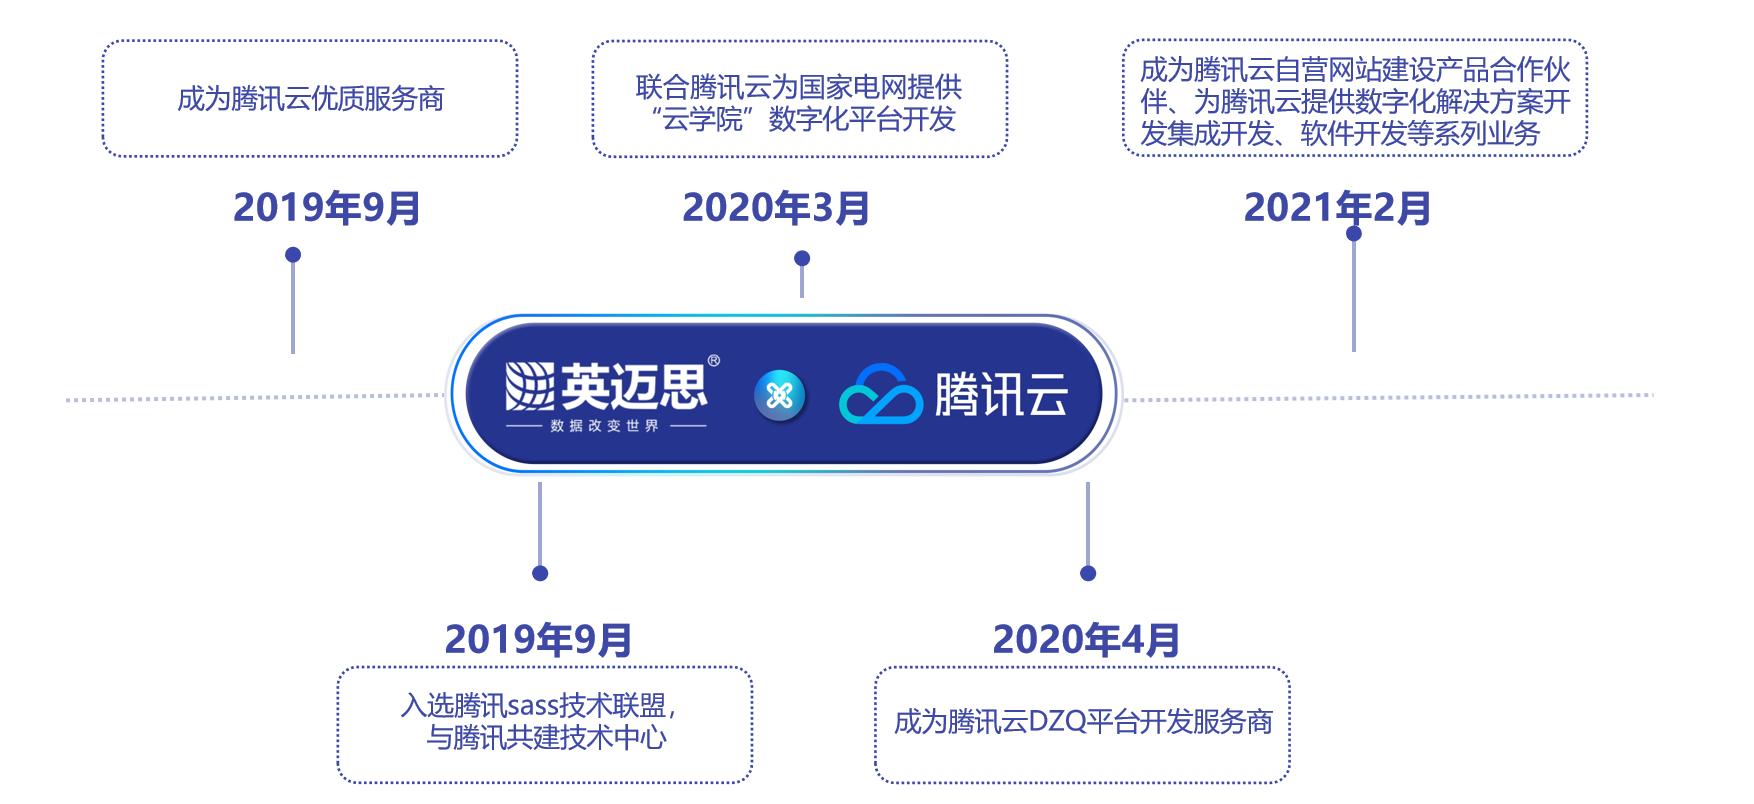 腾讯云&英迈思深度合作:共同致力企业数字化转型,打造私域流量!